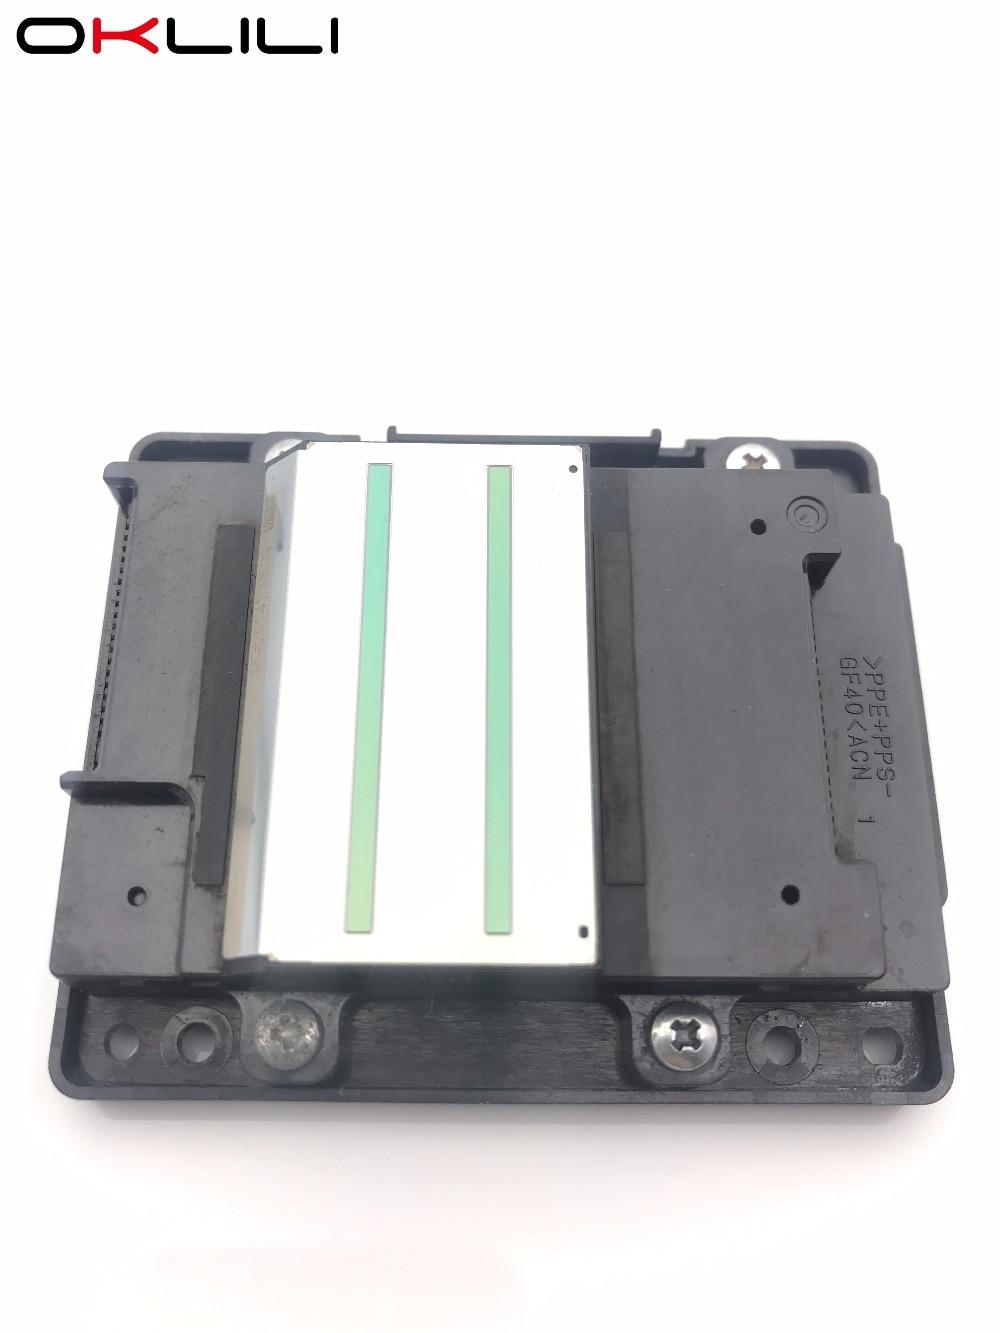 188 Cabeça de Impressão Da Cabeça De Impressão para Epson WF-3620 T1881 WF-3621 WF-3640 WF-3641 WF-7110 WF-7111 WF-7610 WF-7611 WF-7620 WF-7621 L1455